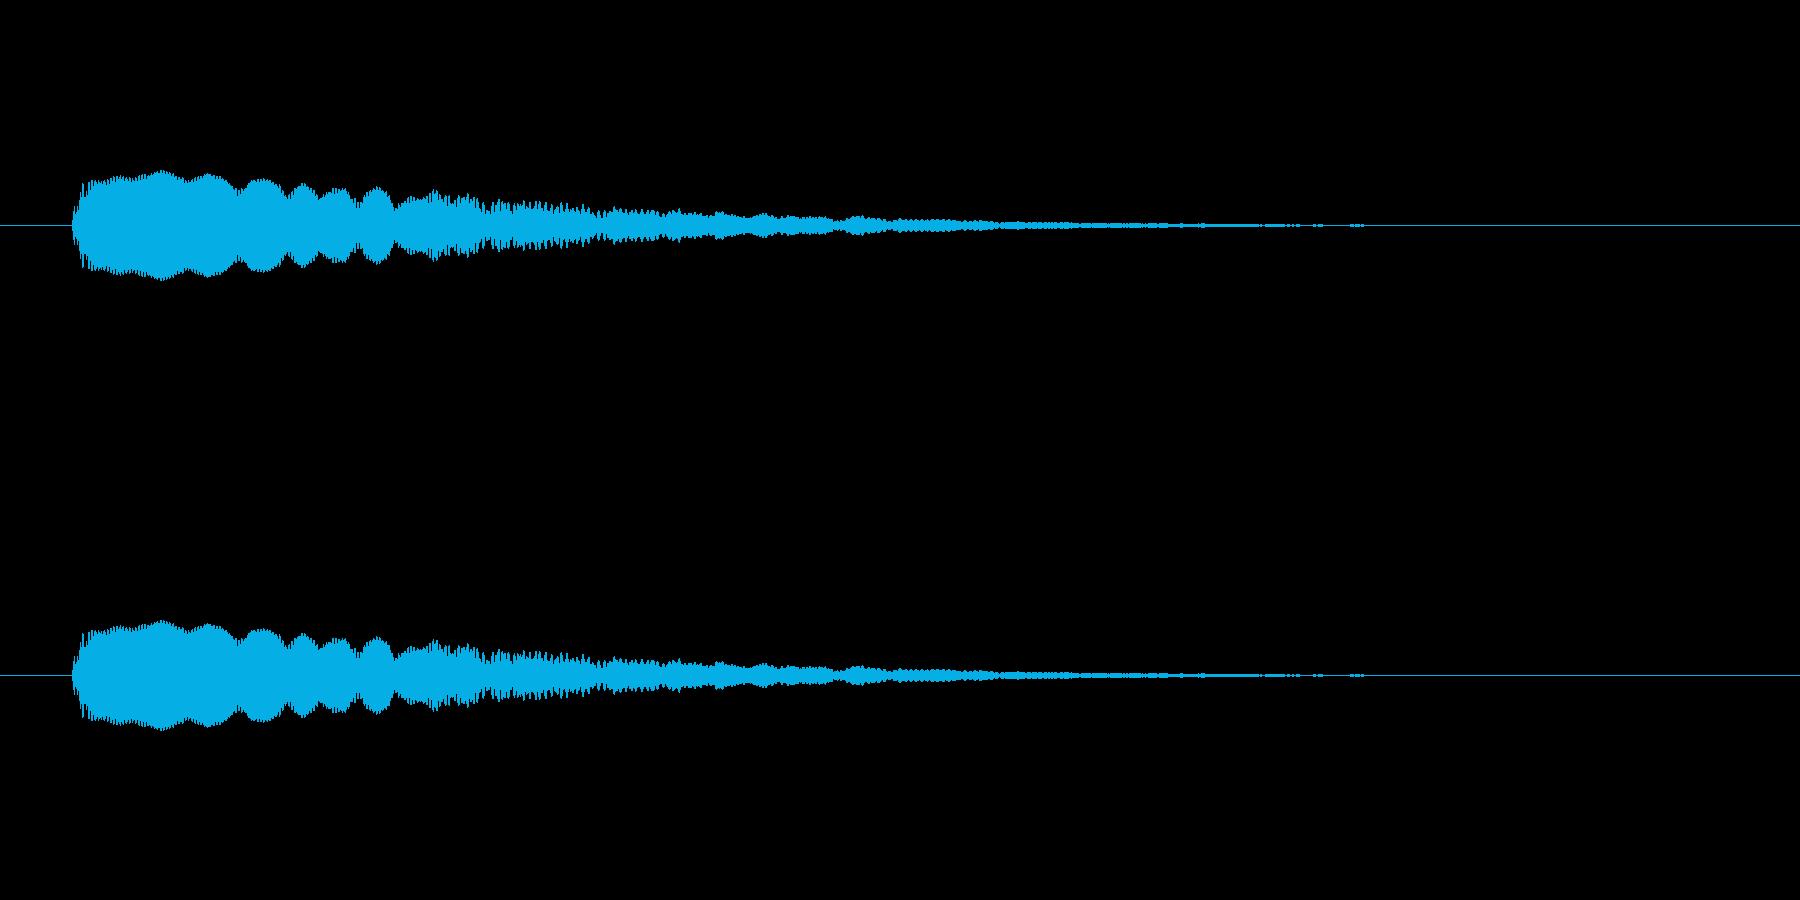 【光る04-2】の再生済みの波形